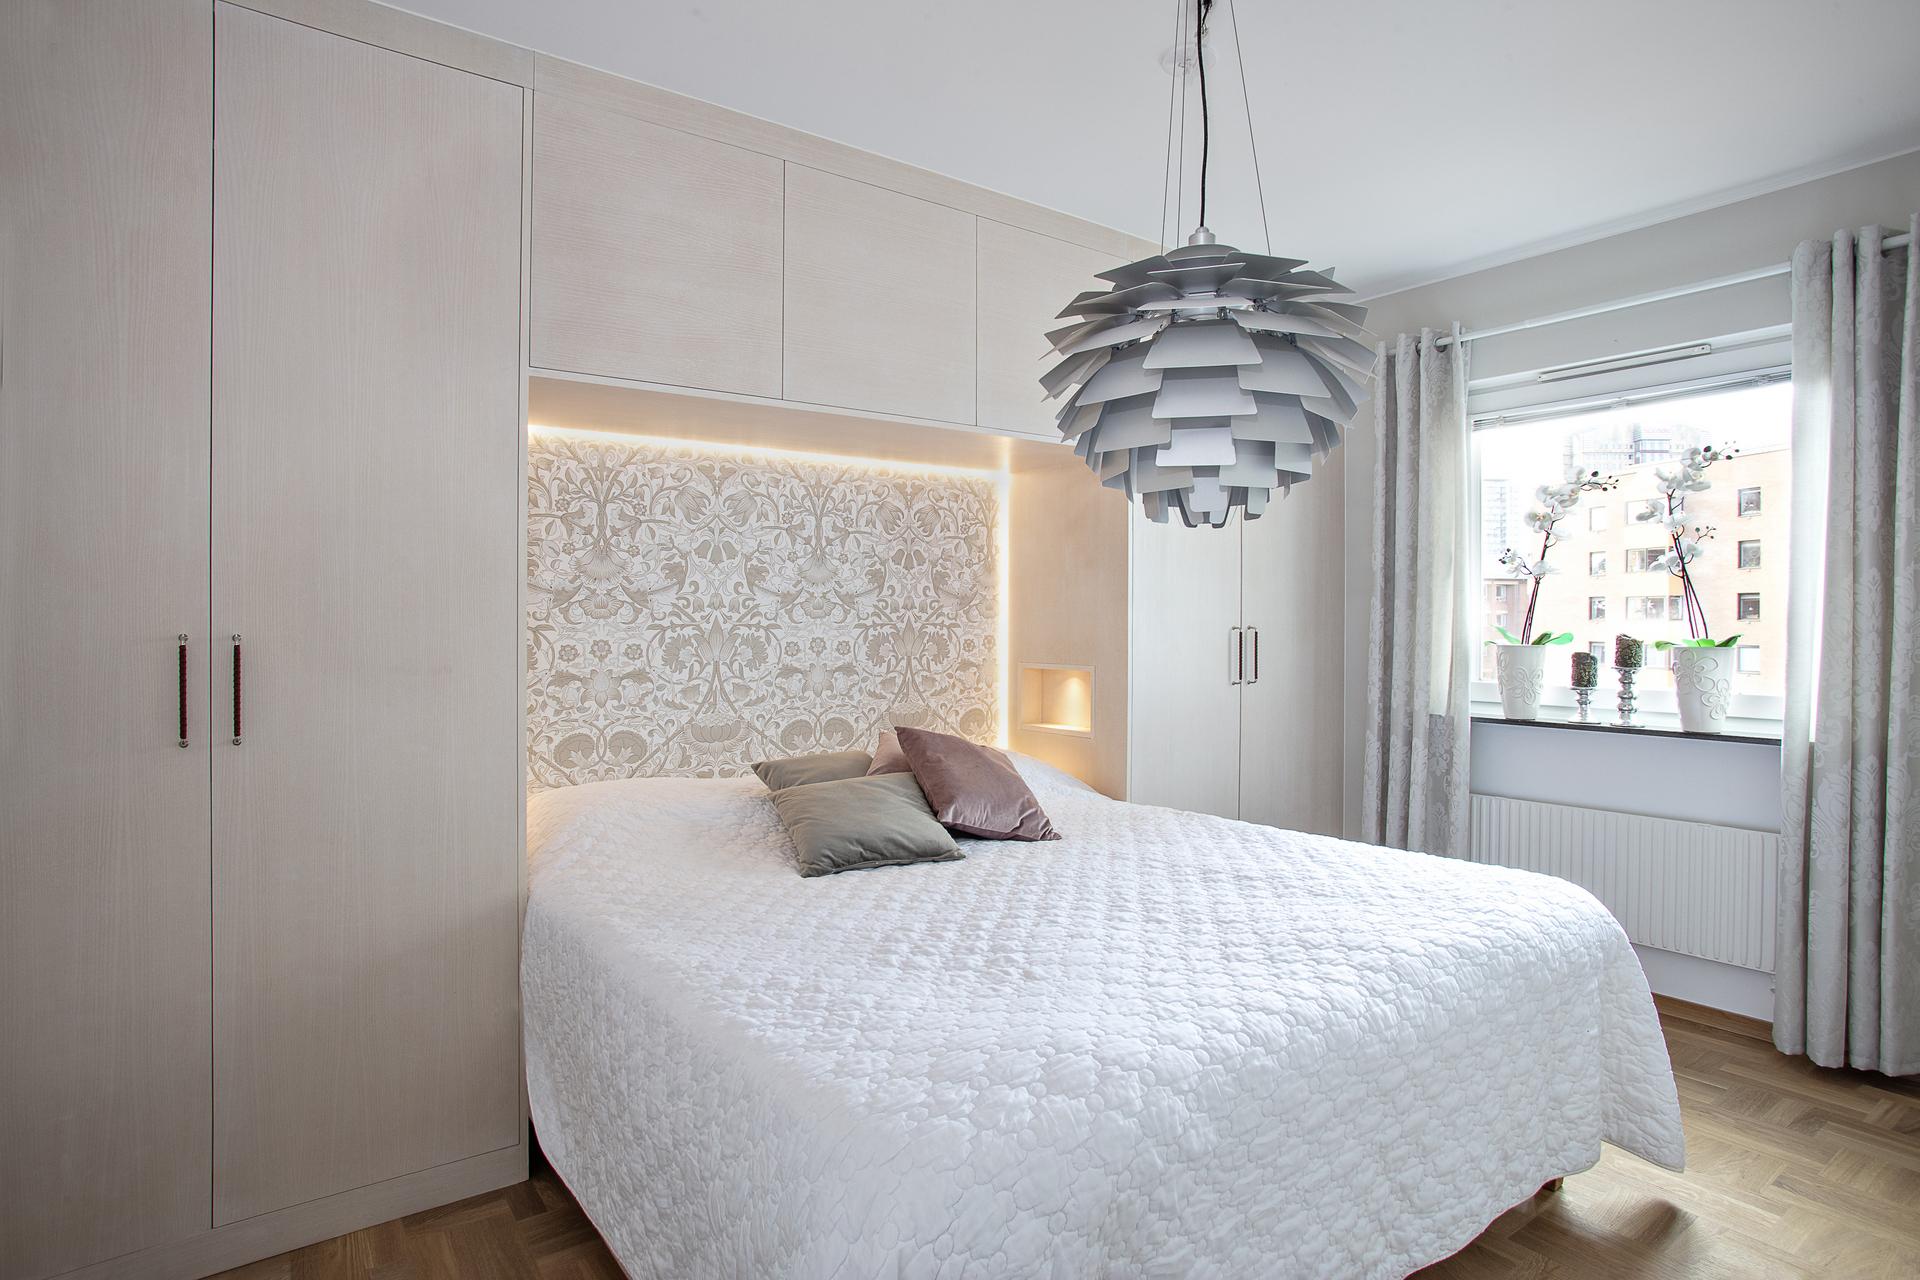 Sovrum 1, vilket i dagsläget verkar som huvudsovrum erbjuder platsbyggd förvaring